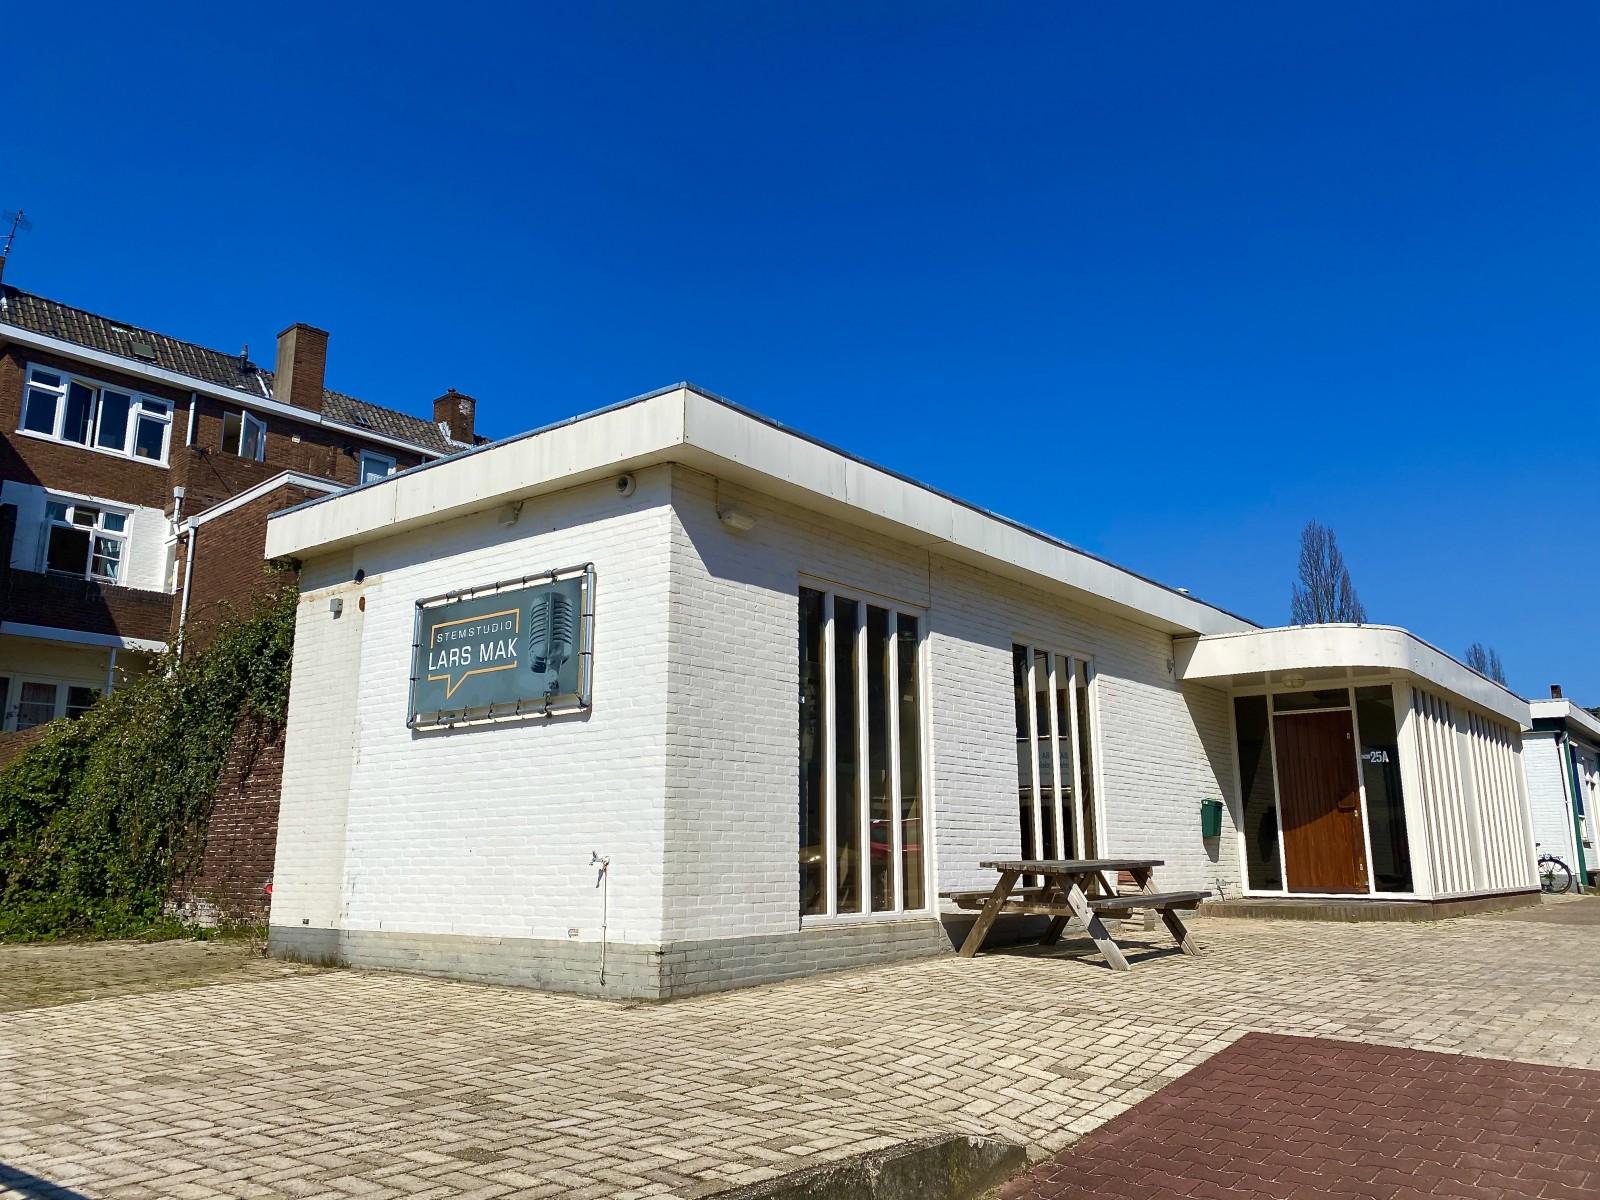 Zangles in Arnhem Lars Mak